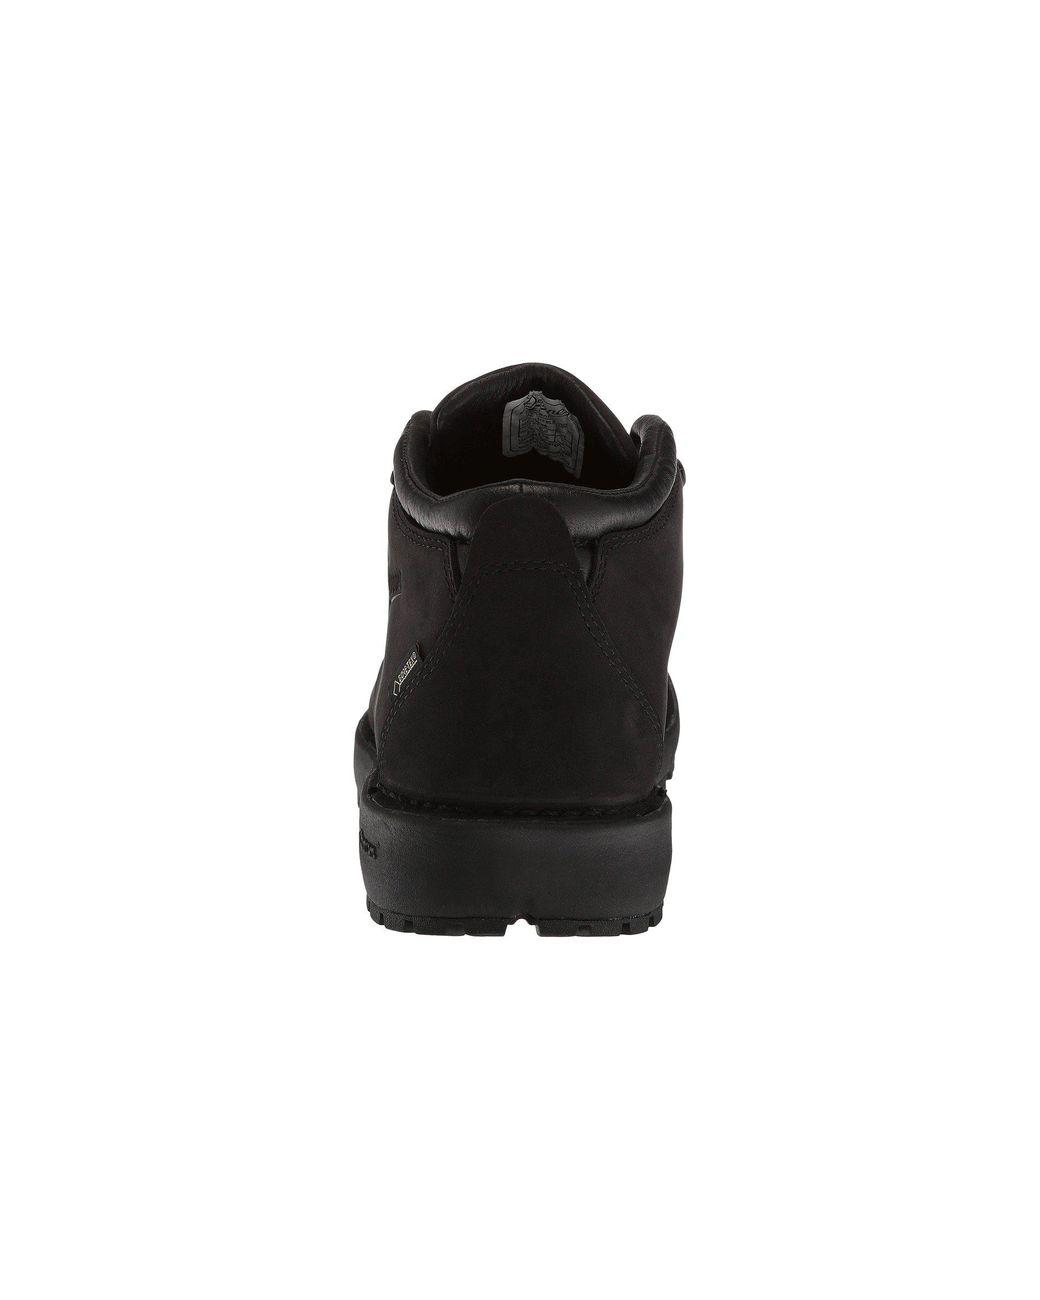 1afe8fa3e3d Black Tramline 917 (brown) Men's Shoes